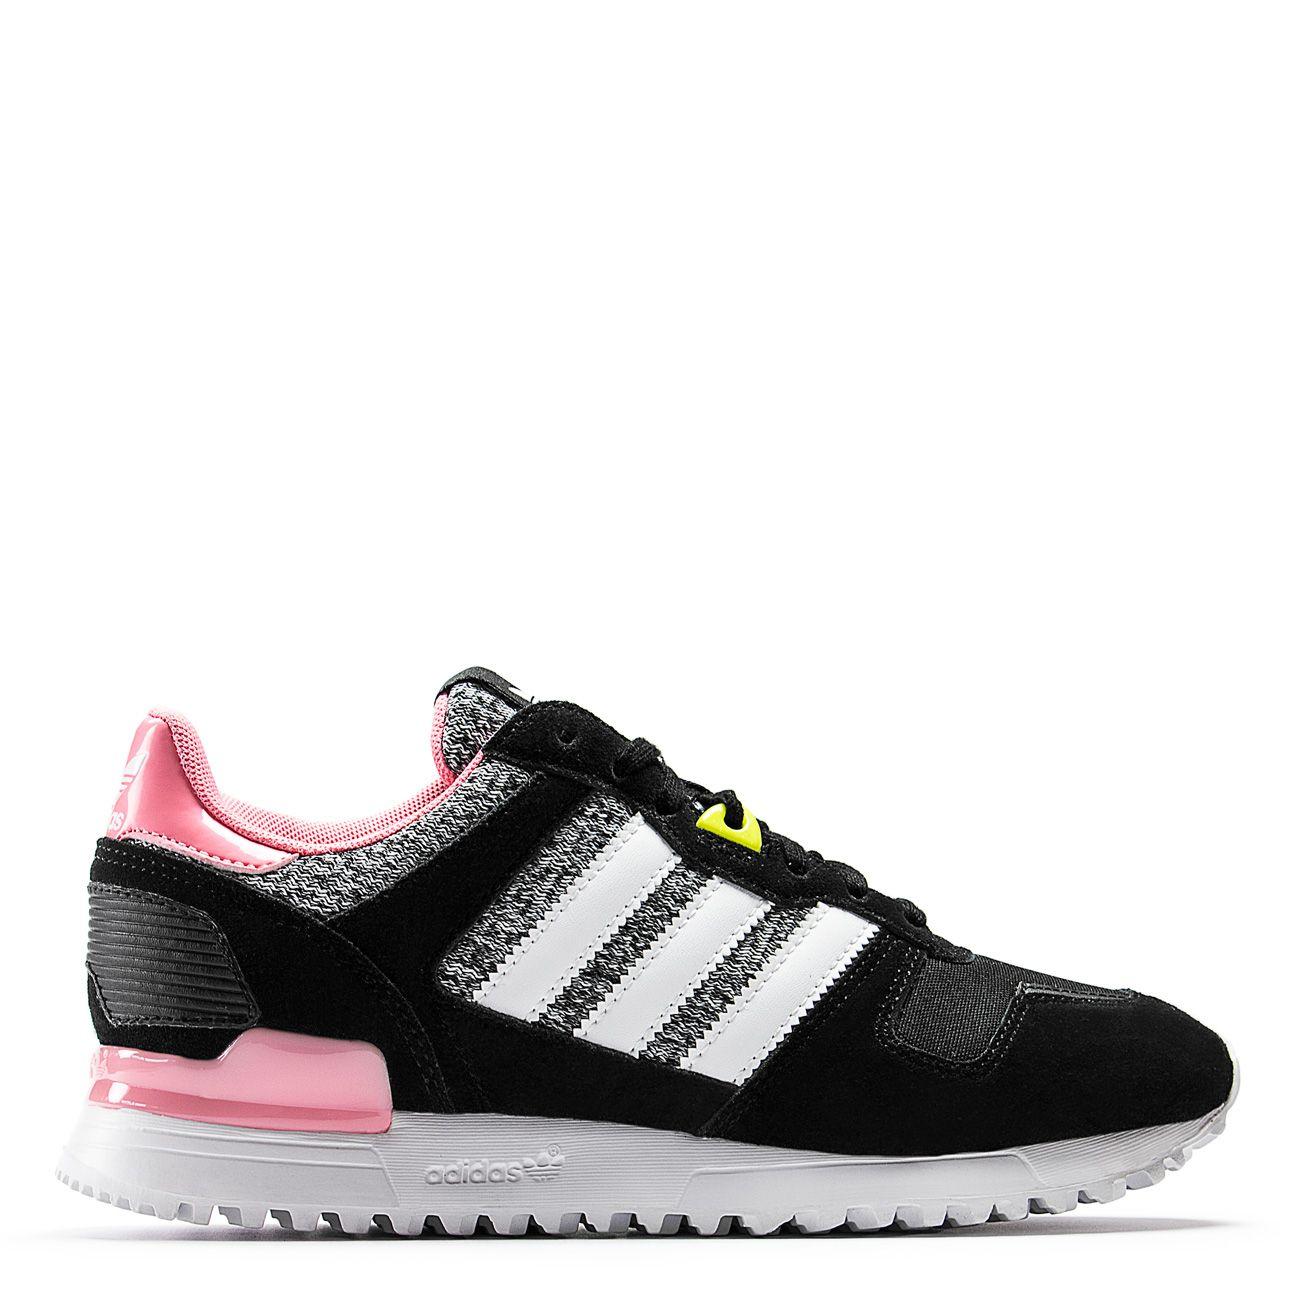 Adidas Zx 700 Woman Bazar Desportivo Shop Online Calcado Roupa E Acessorios Para Desporto E Moda Adidas Zx 700 Adidas Zx Moda